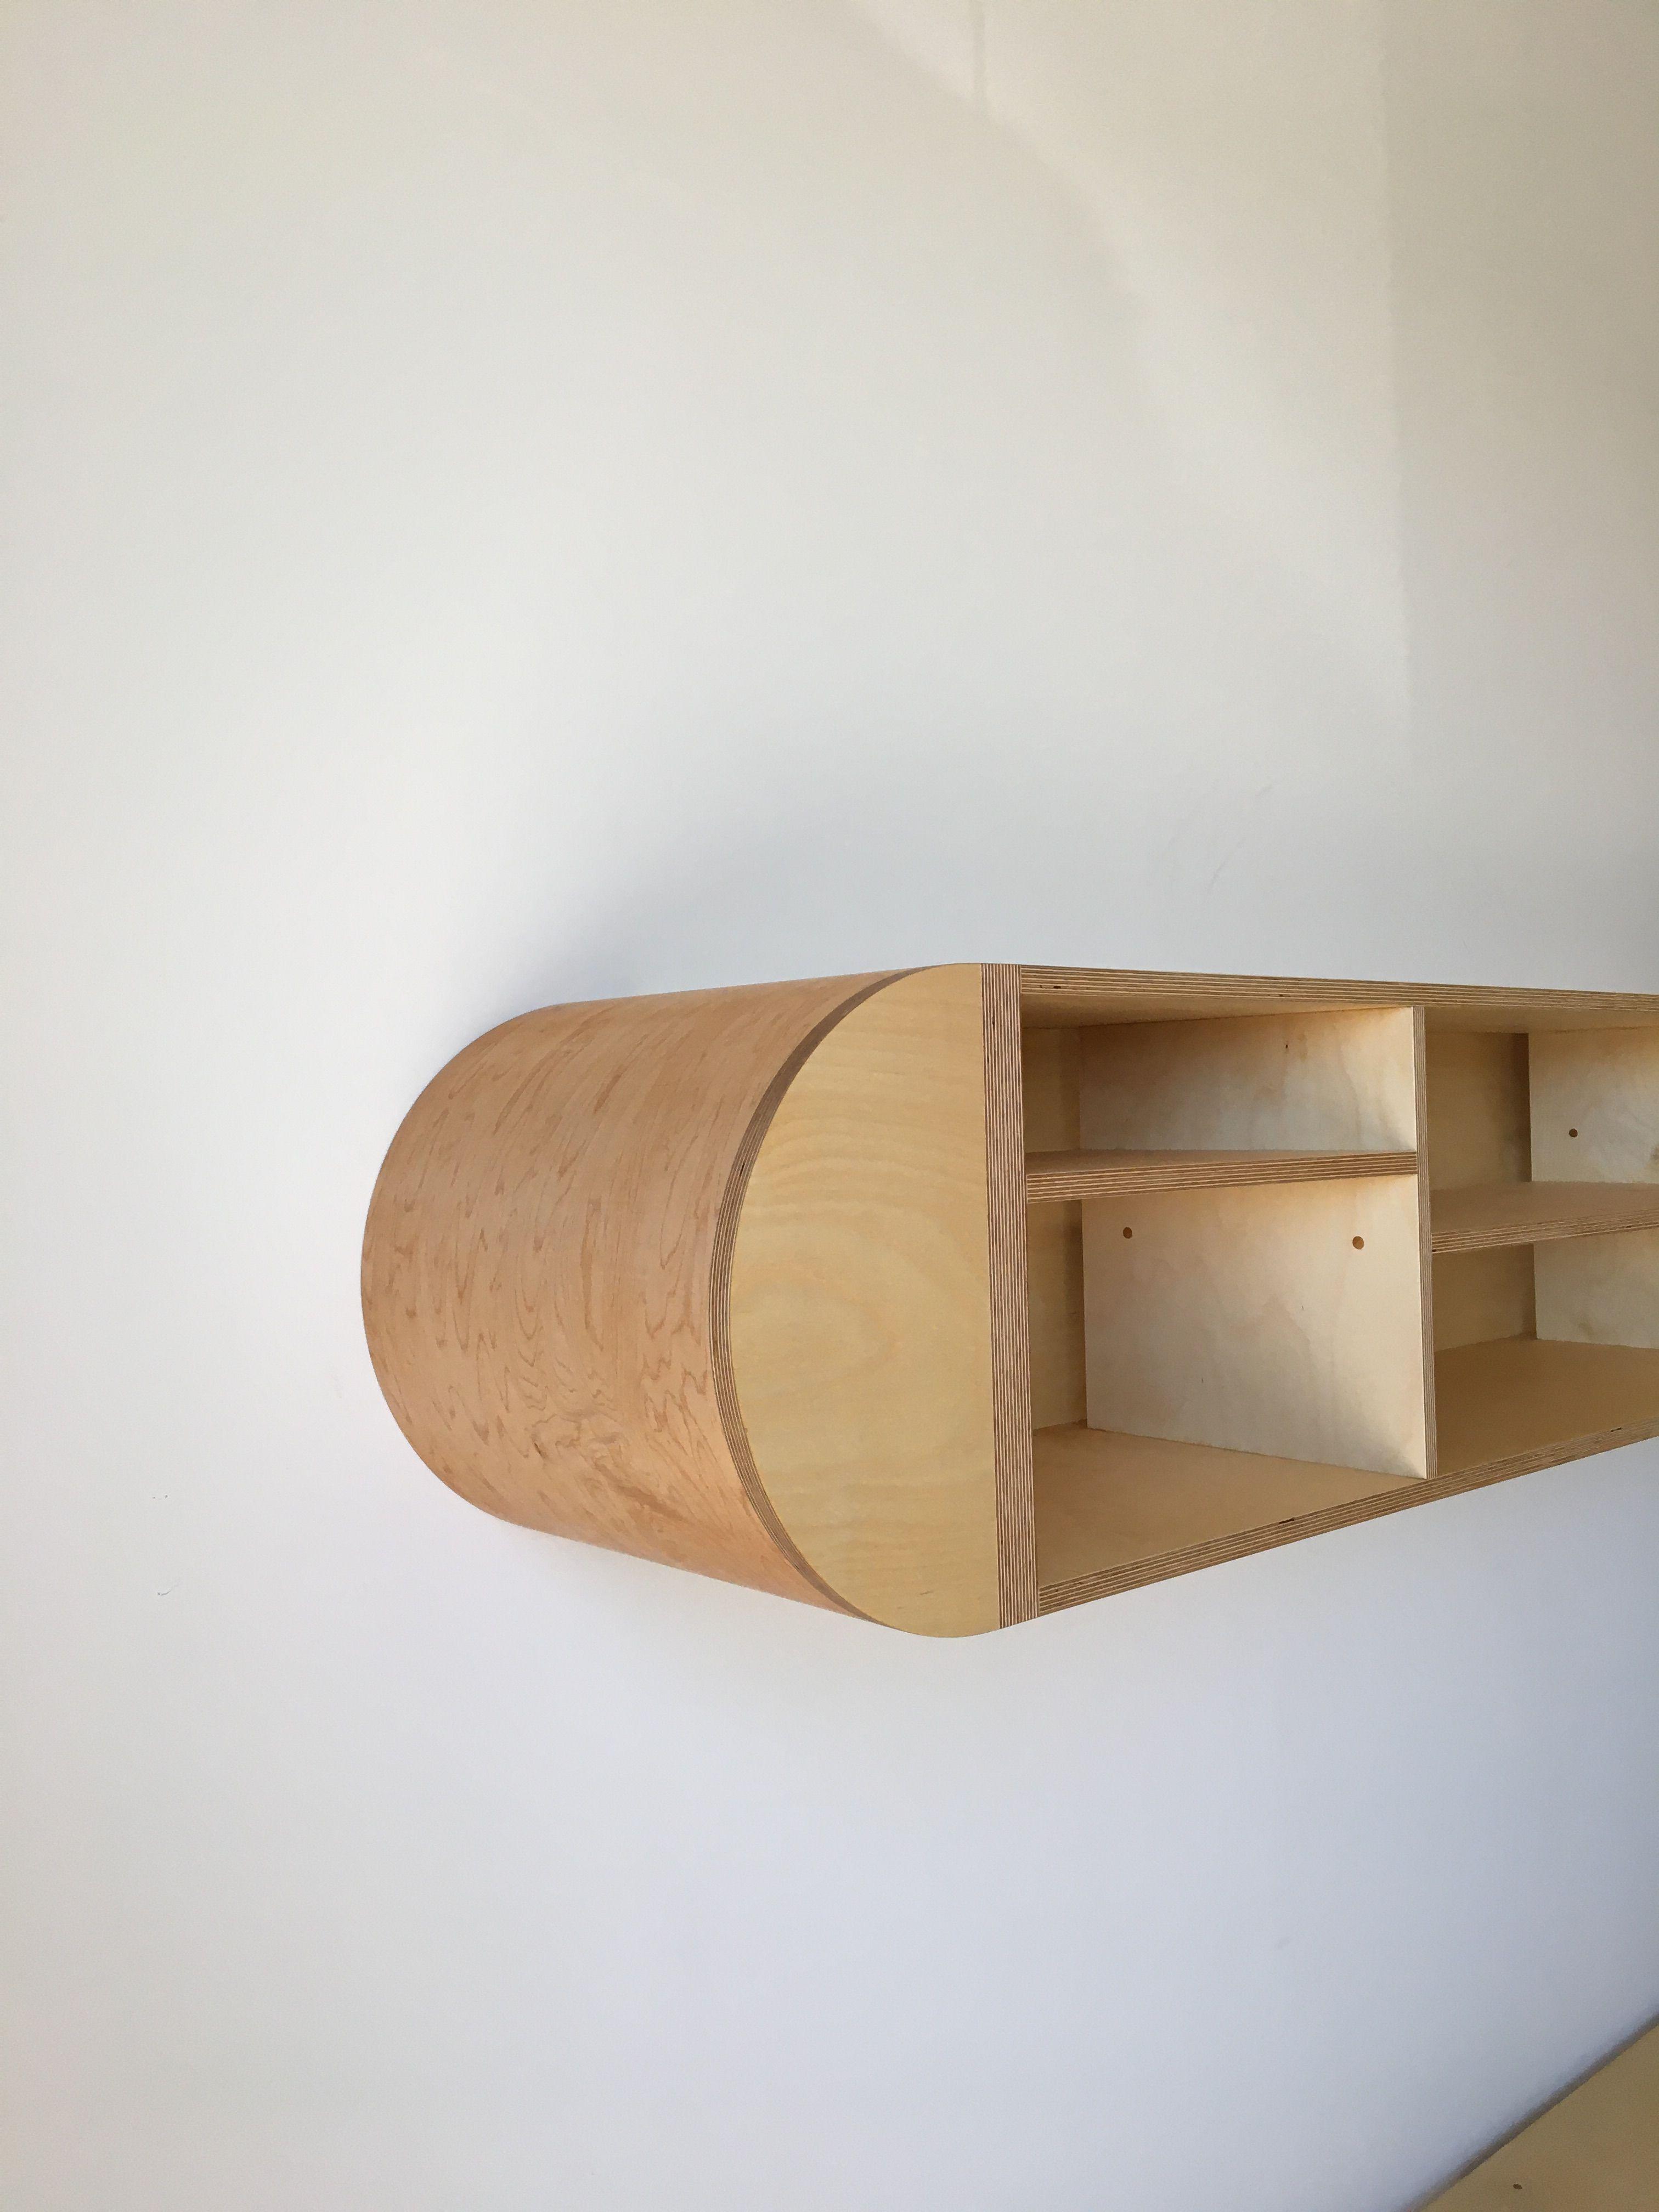 Half Round Storage Unit - Mouthwash Studio product image 2